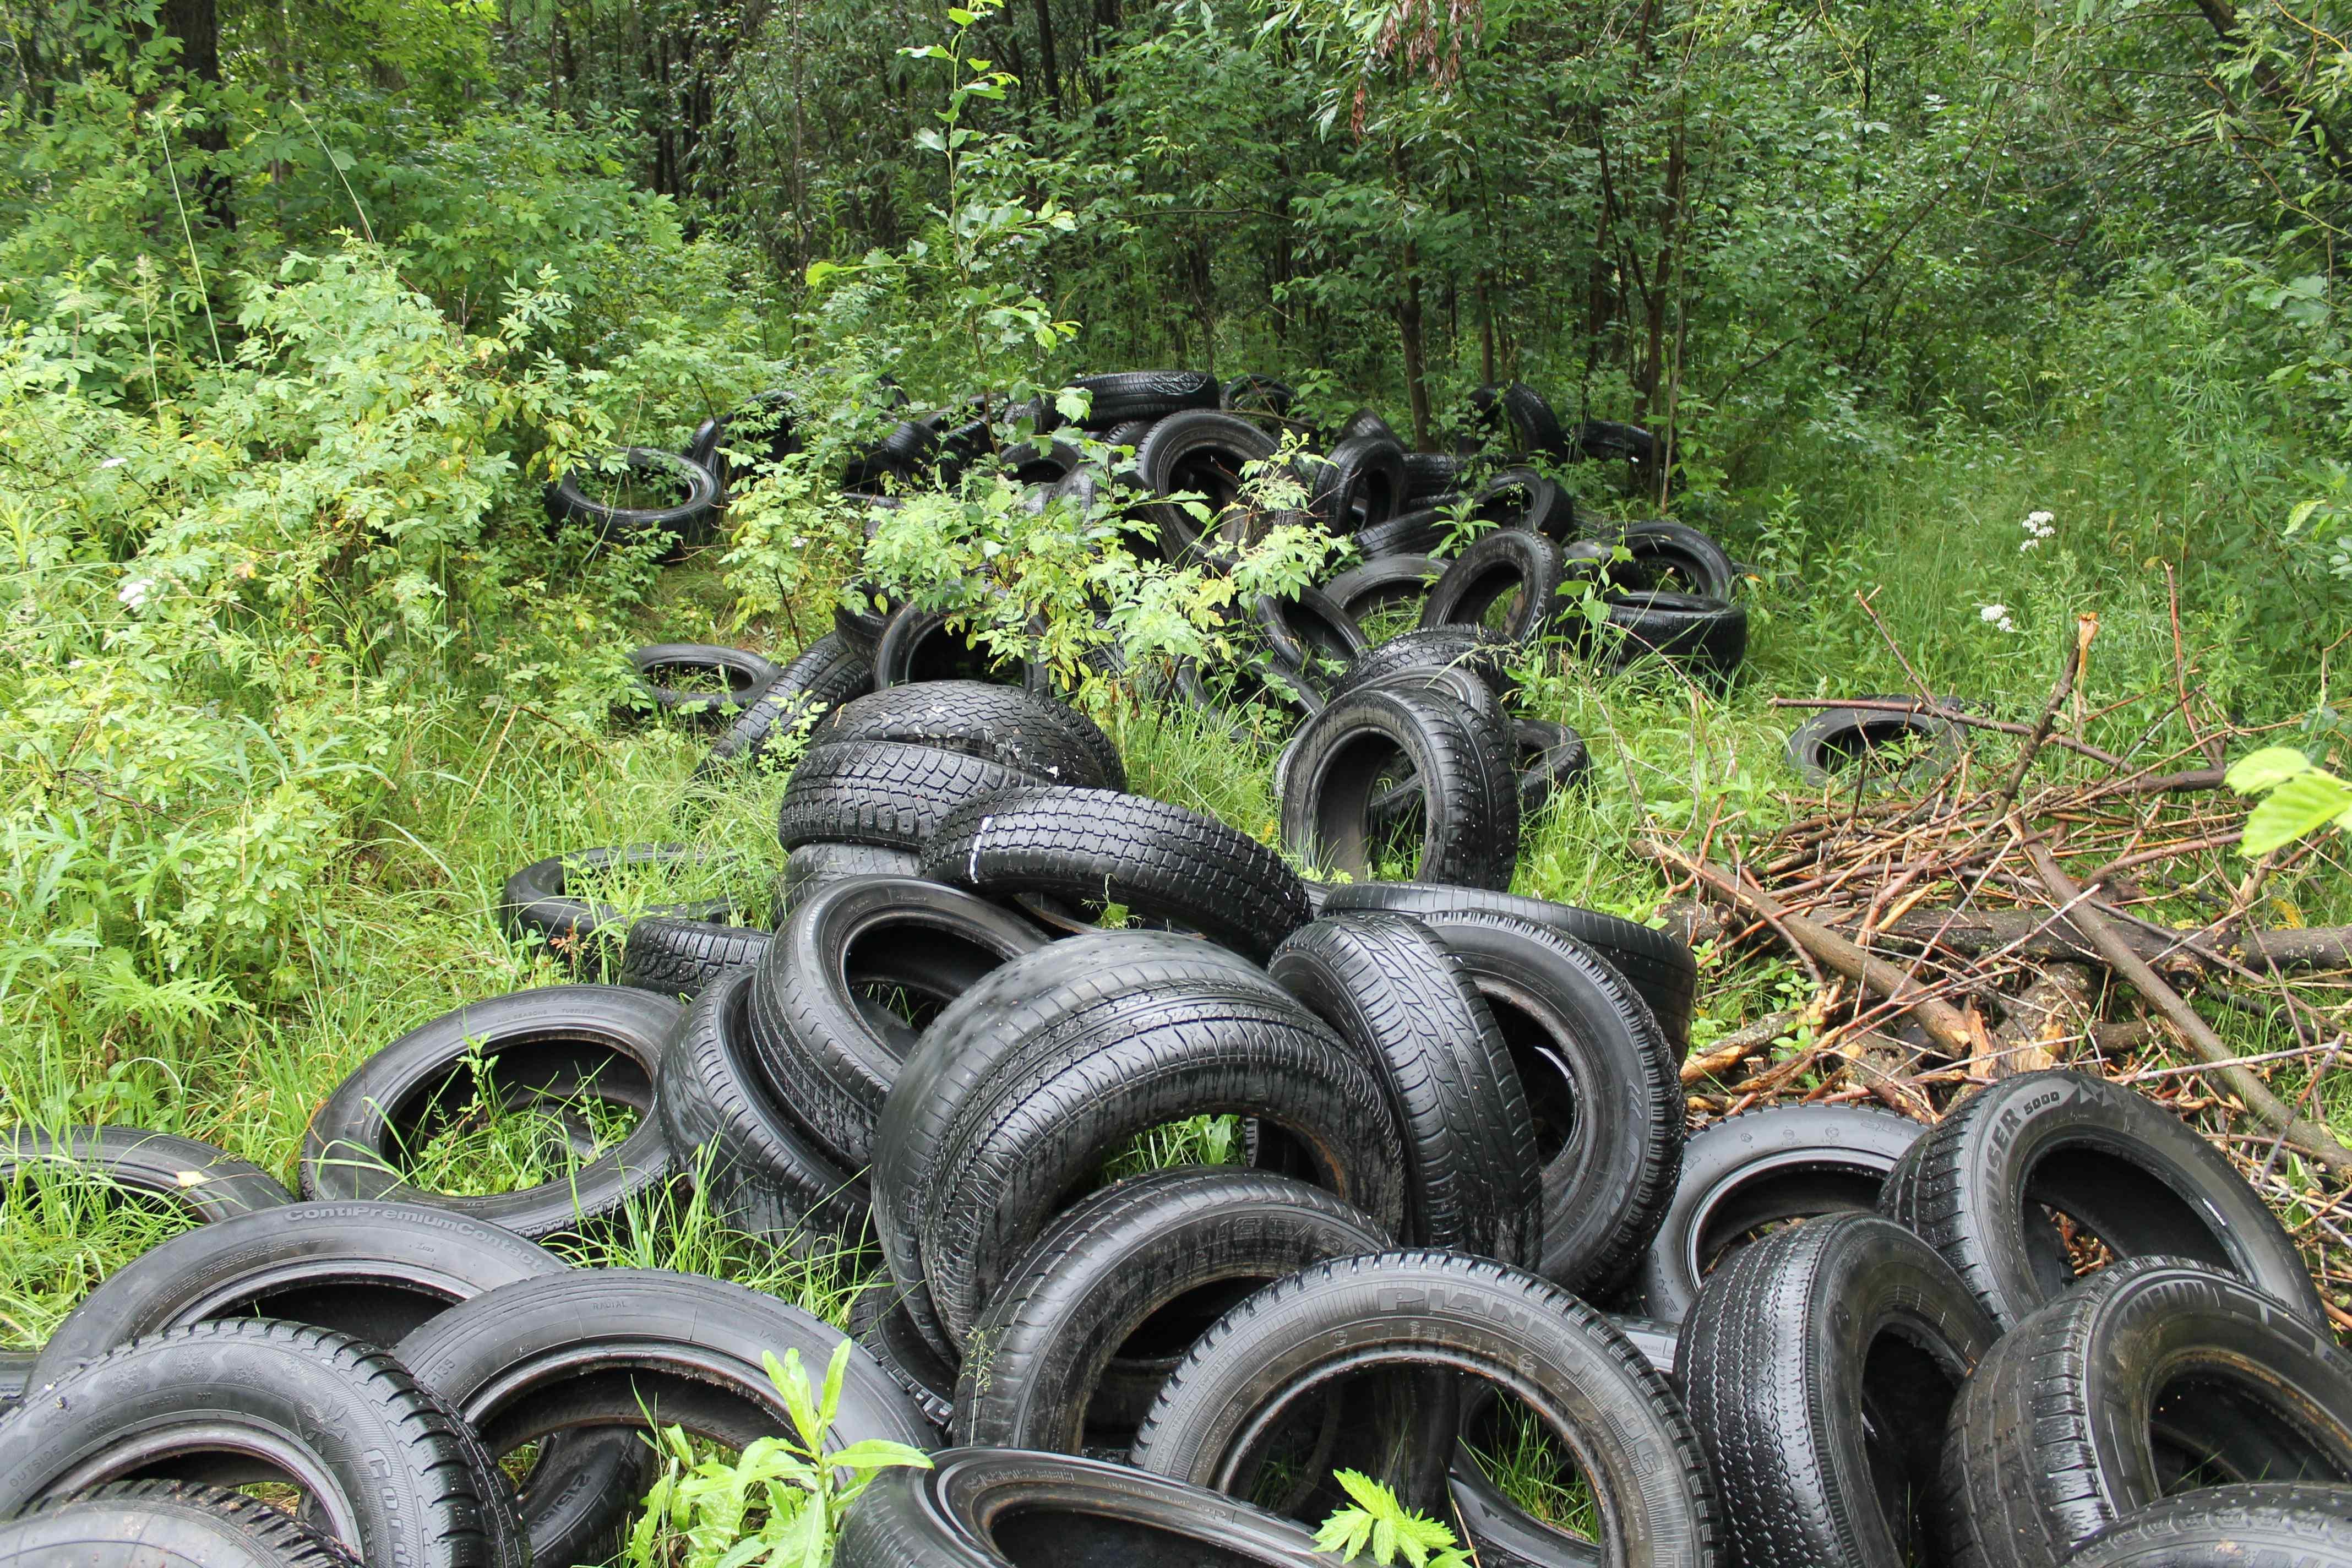 ОНФ: вокруг Кирова растут свалки использованных автопокрышек